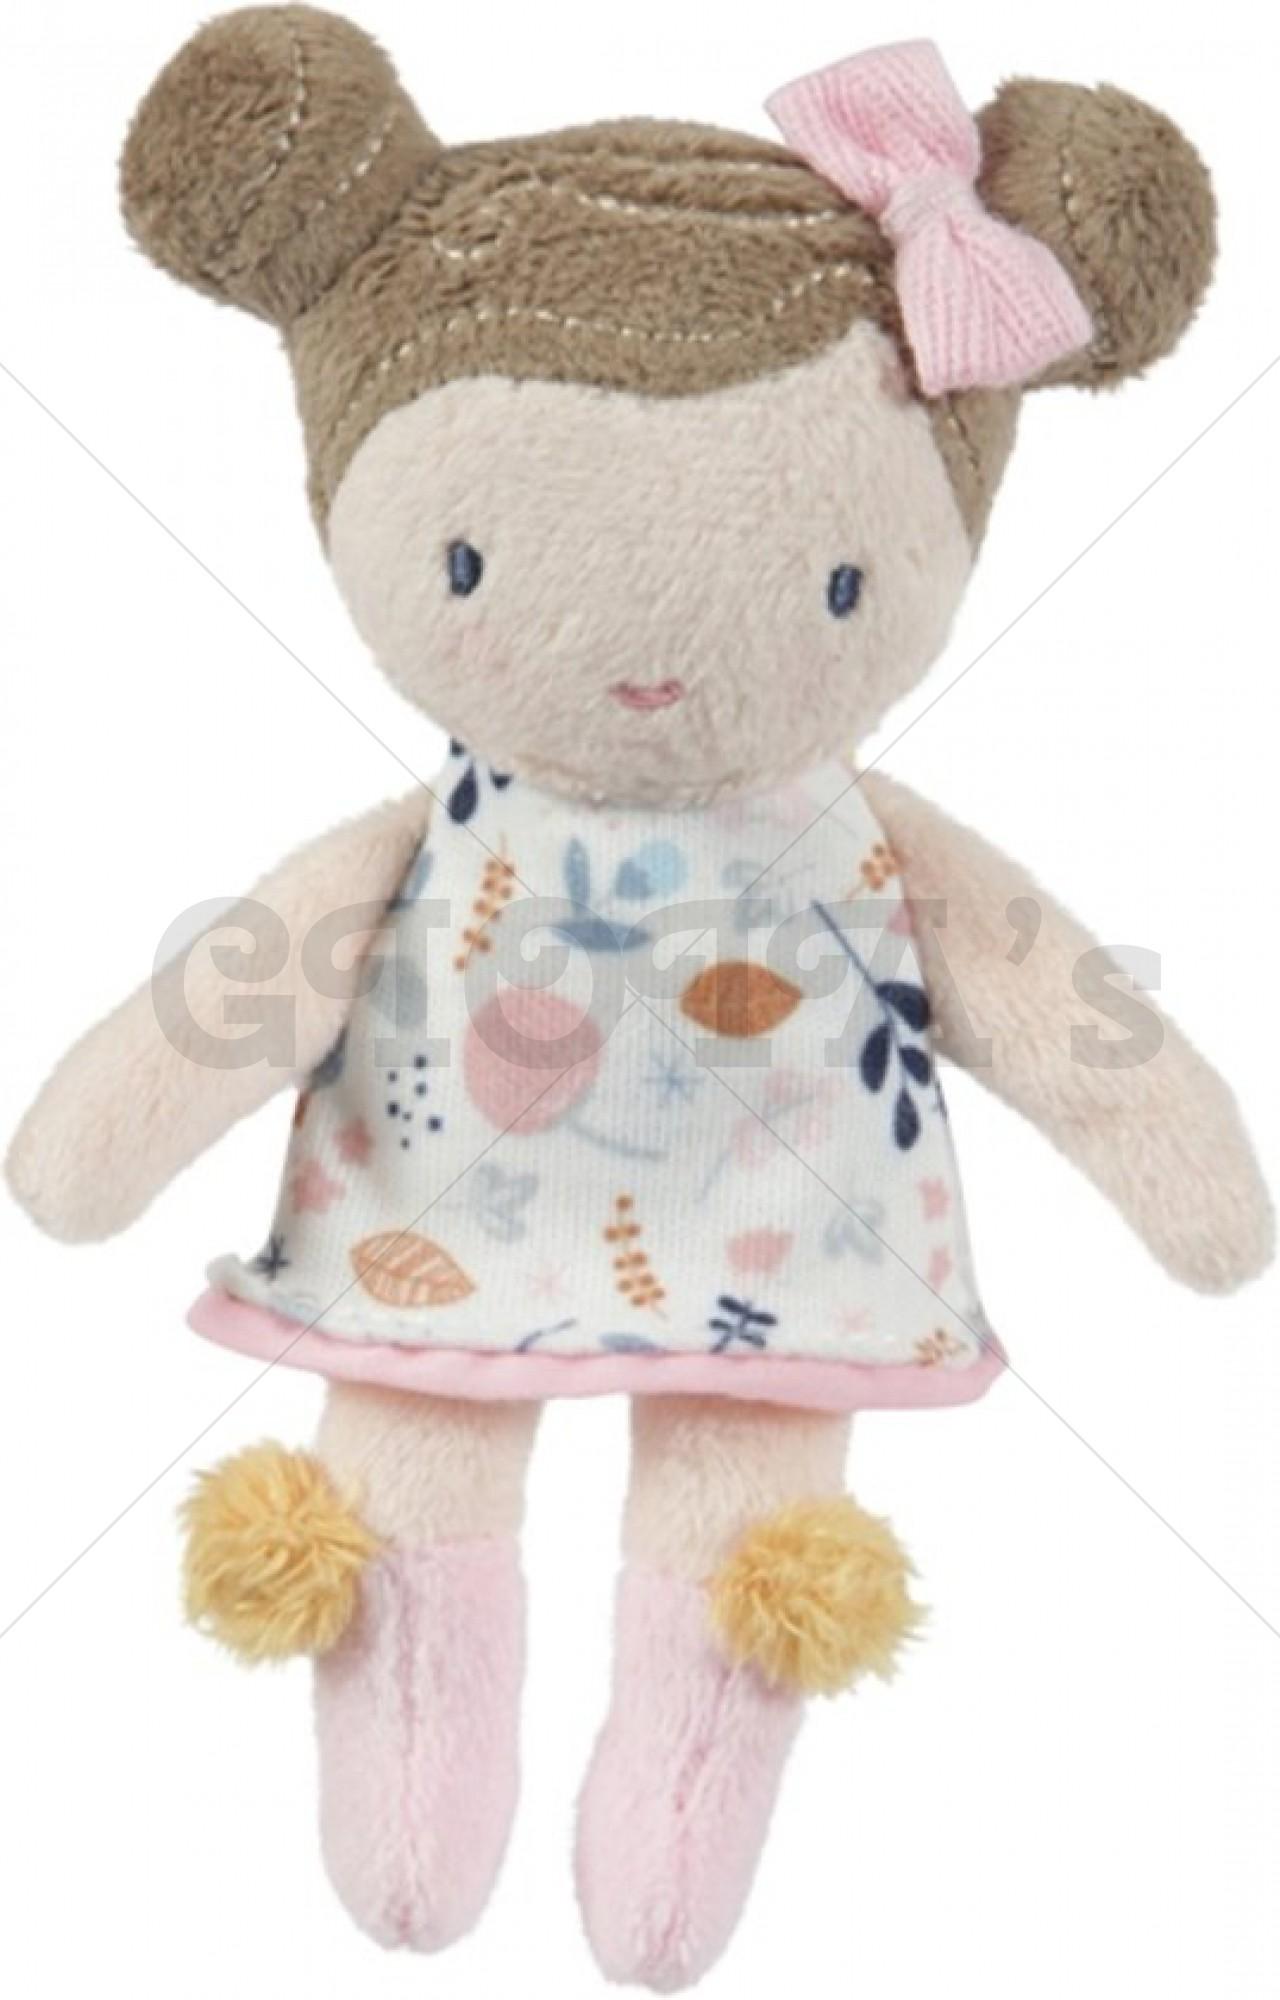 da15e7d9db736a Little Dutch - Pop Rosa 10cm - GIOIA's cadeau en feestartikelen